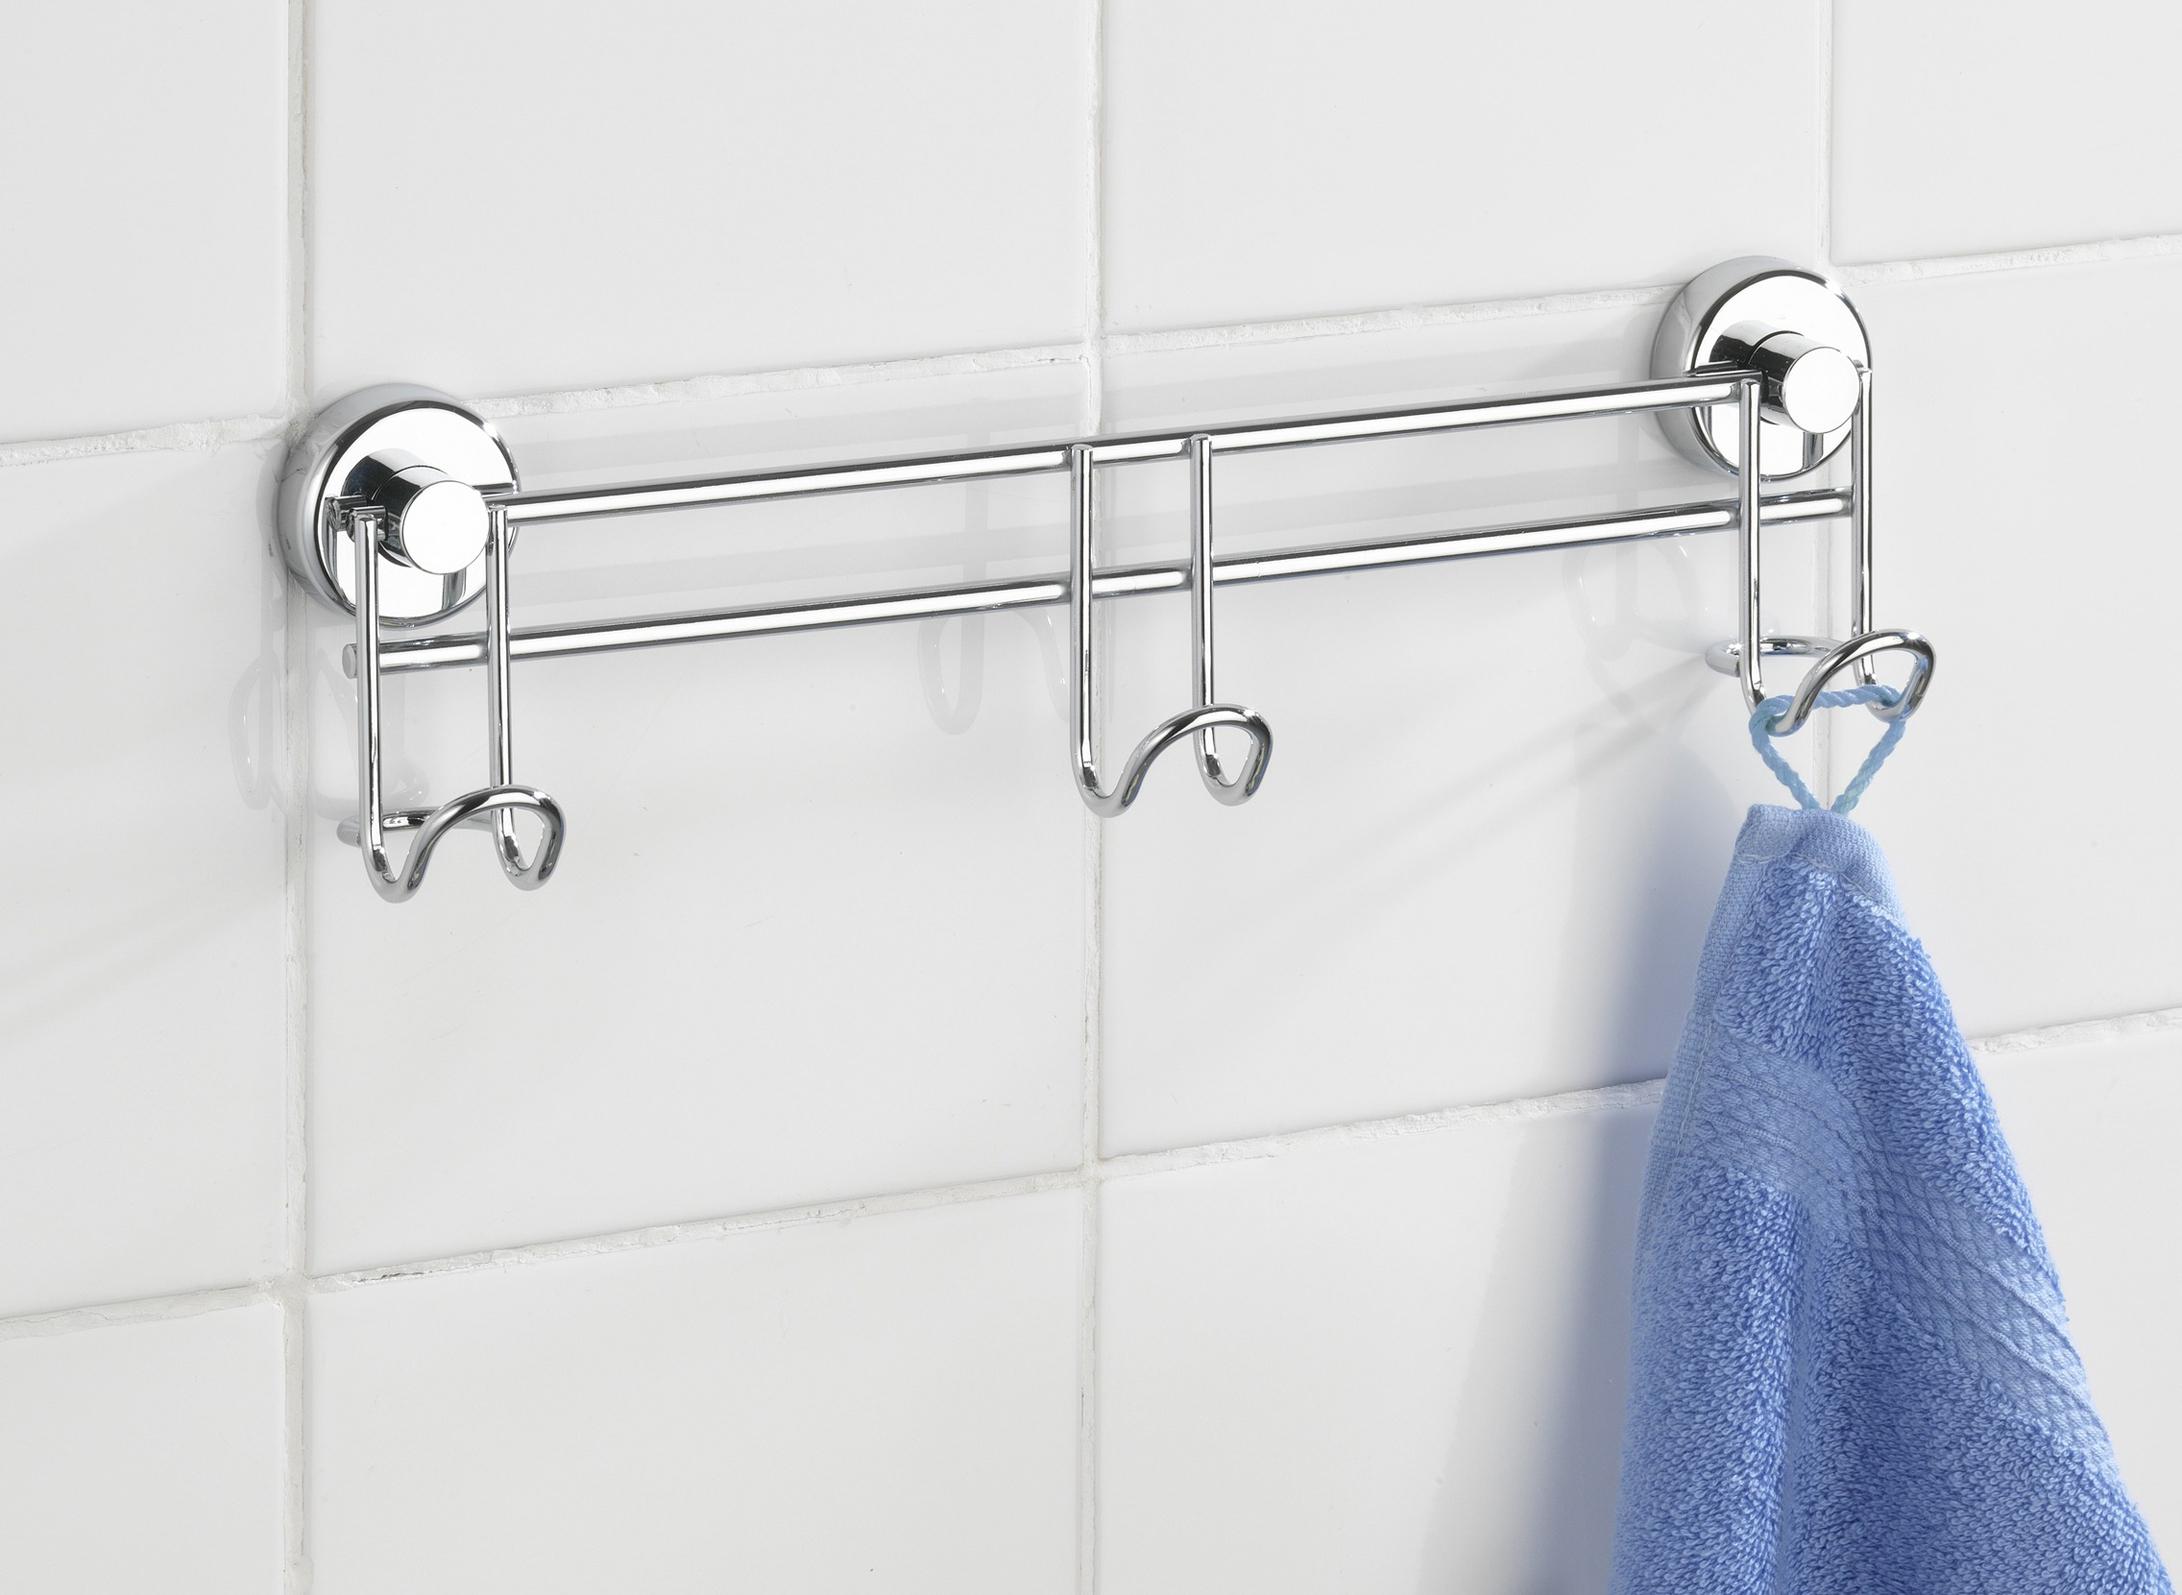 WENKO Handtuchhalter mit Haken Leiste Saugnapf Wand Stange